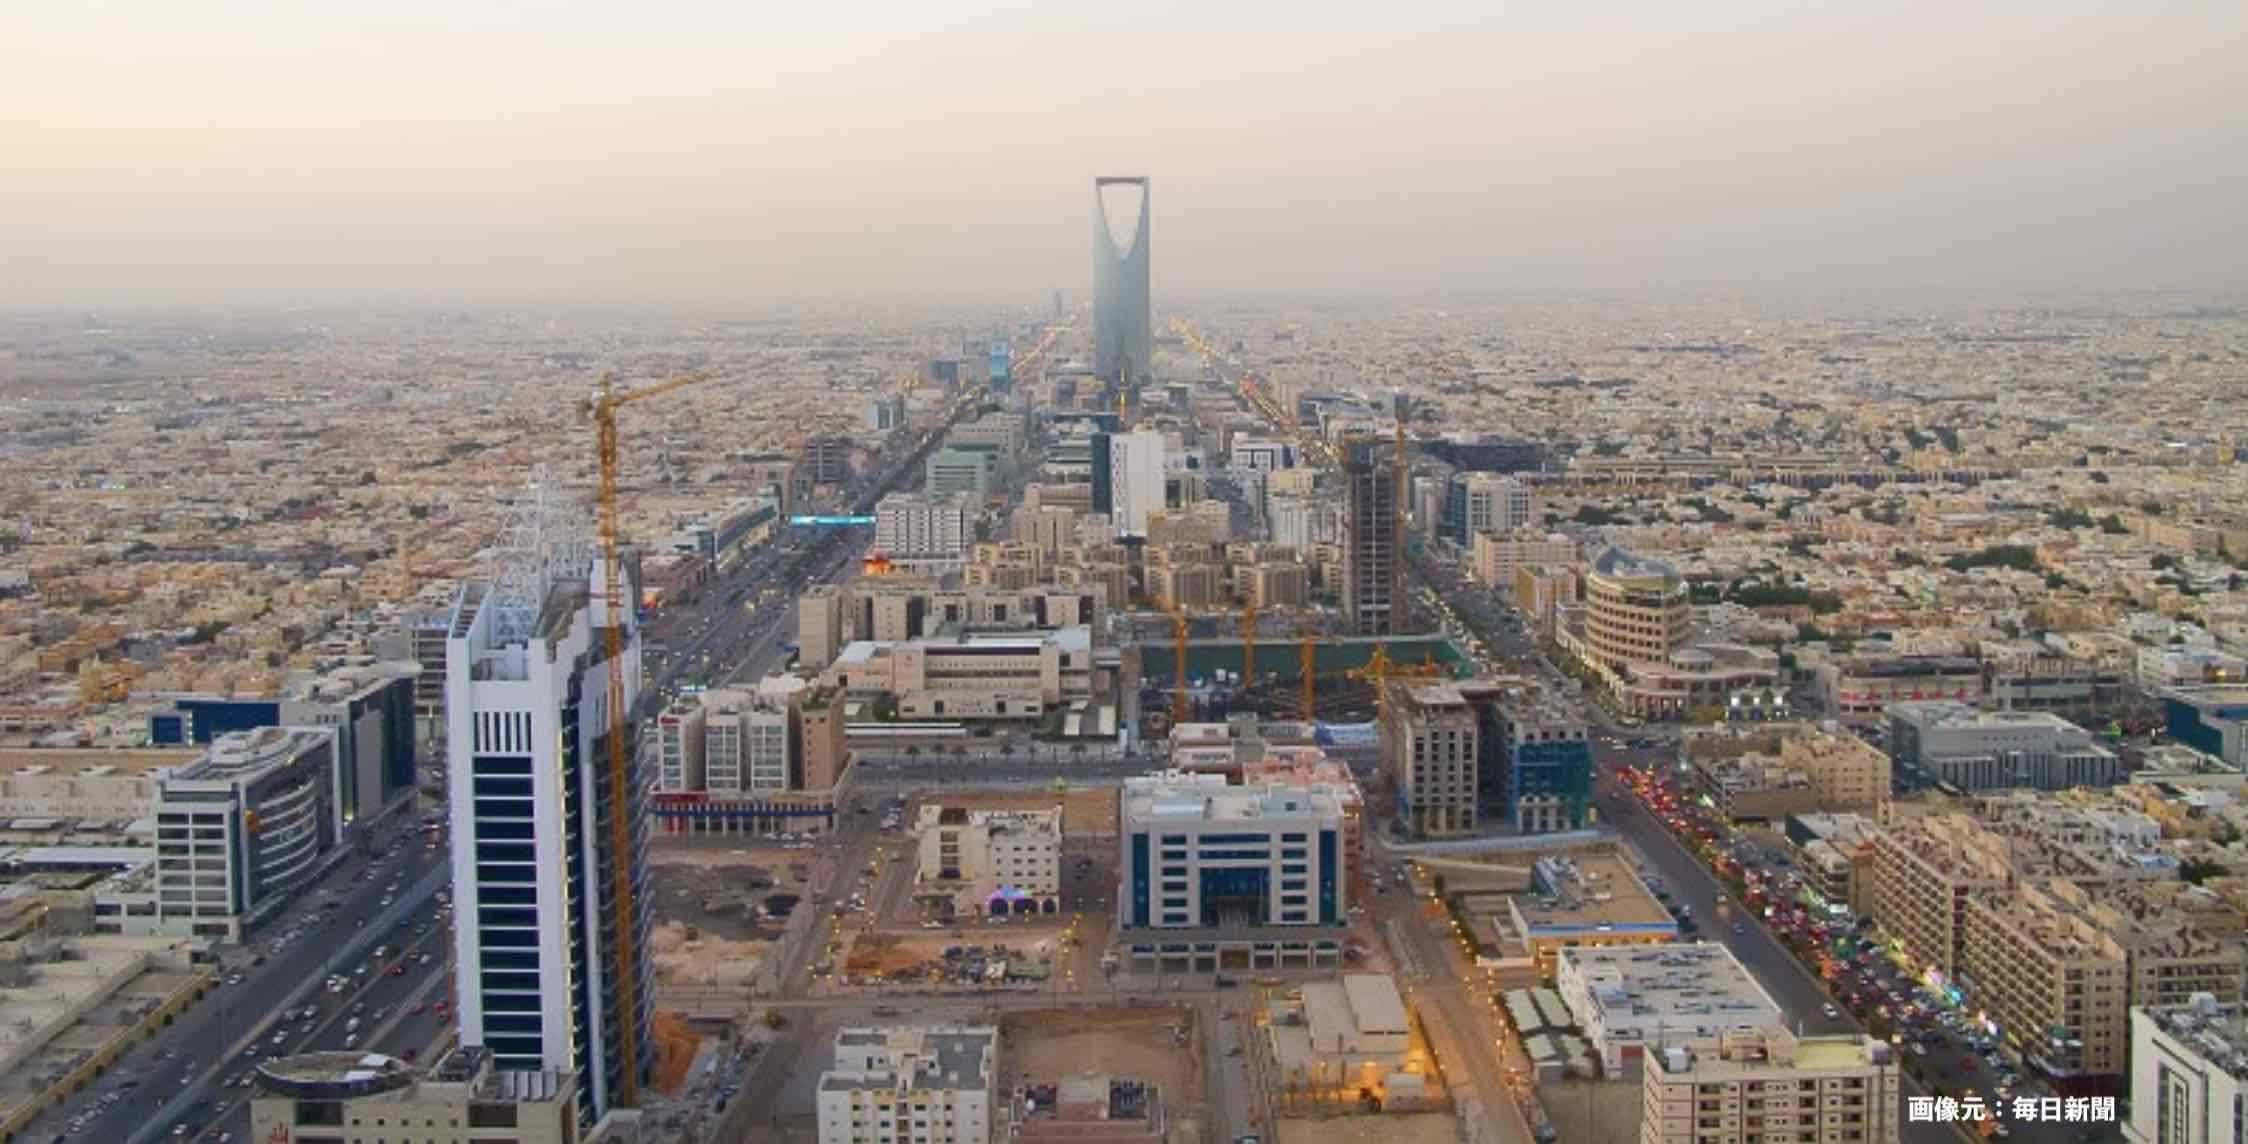 サウジアラビアの首都リヤドの画像